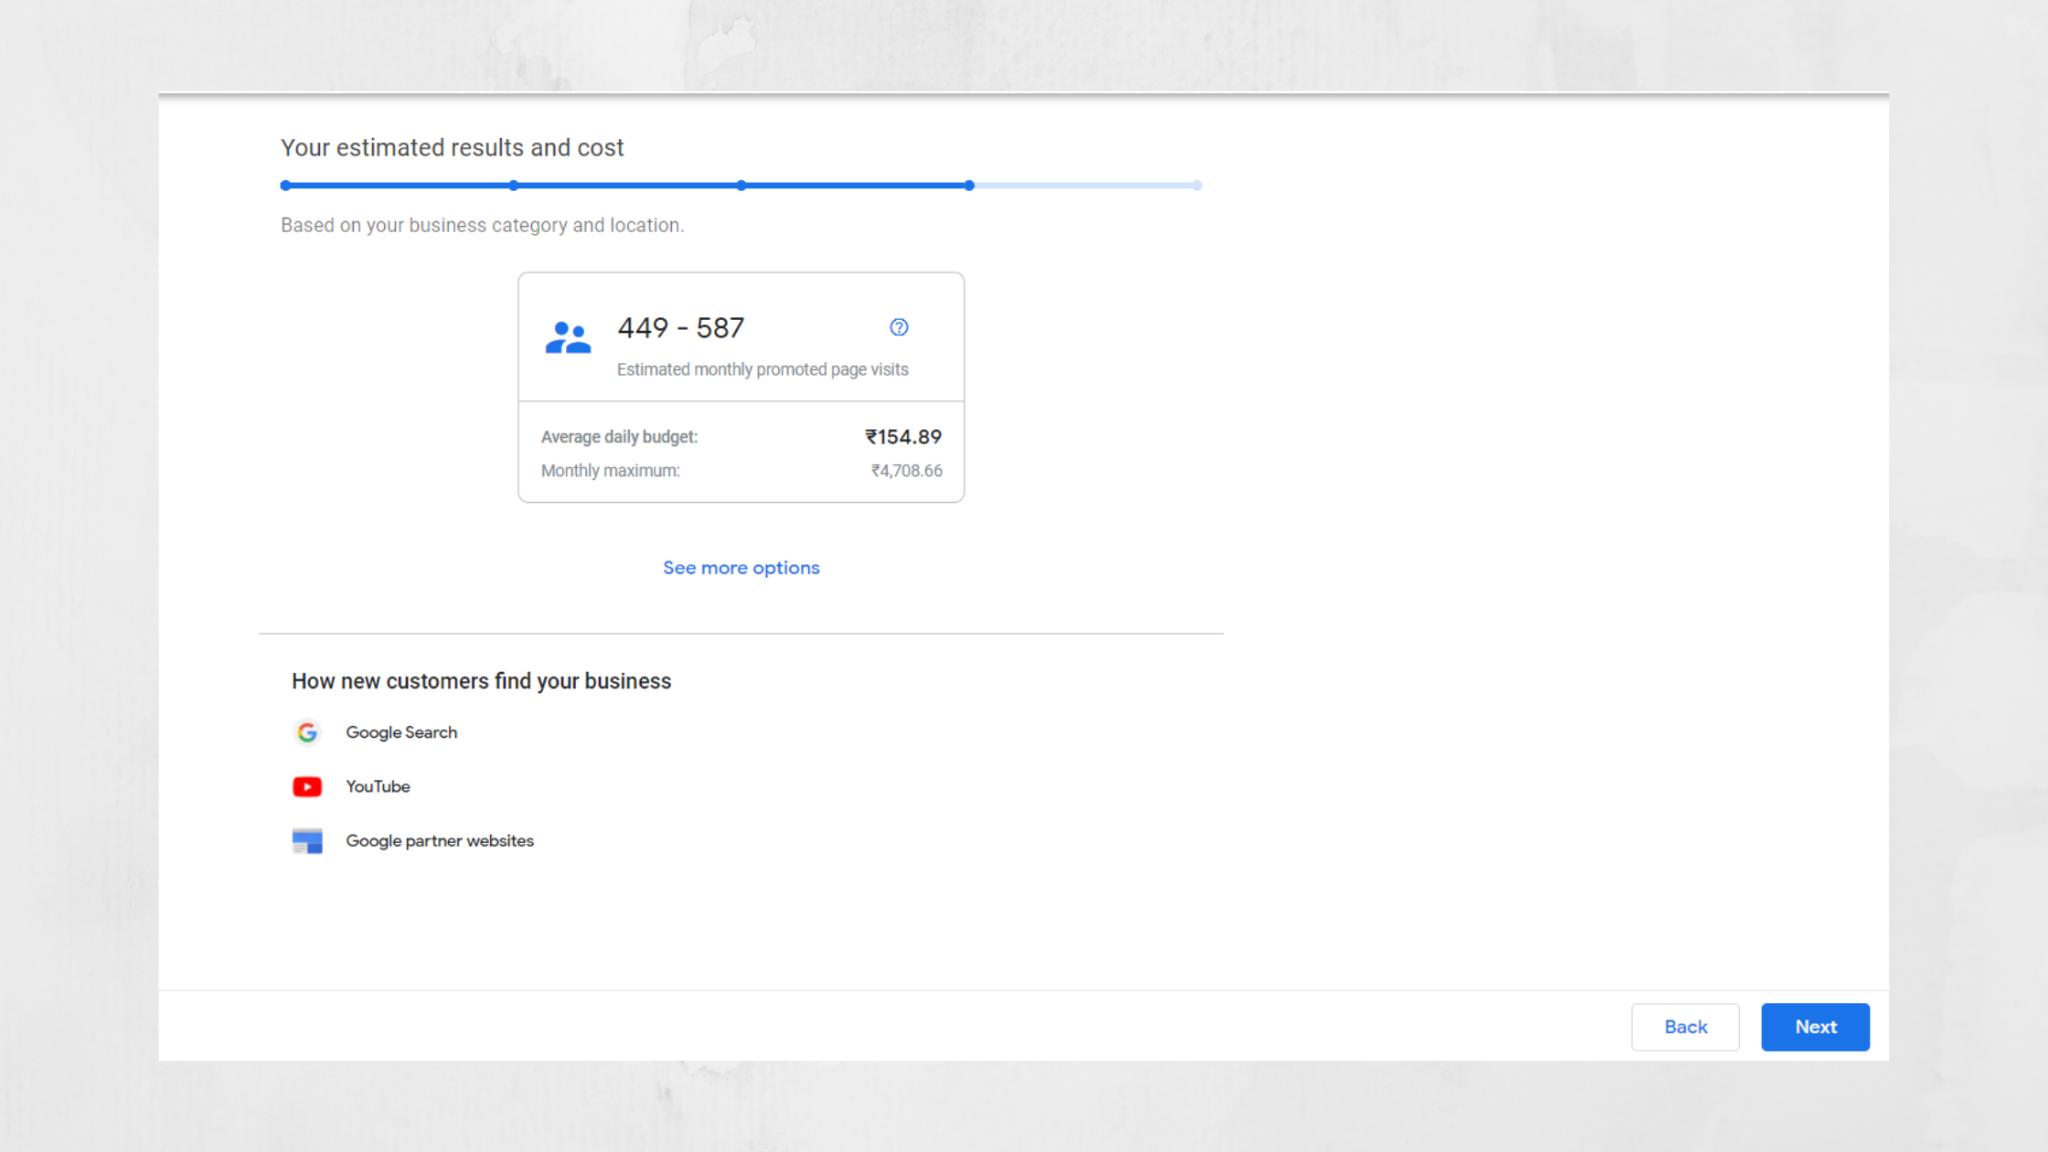 ad cost estimates in gmb dashboard